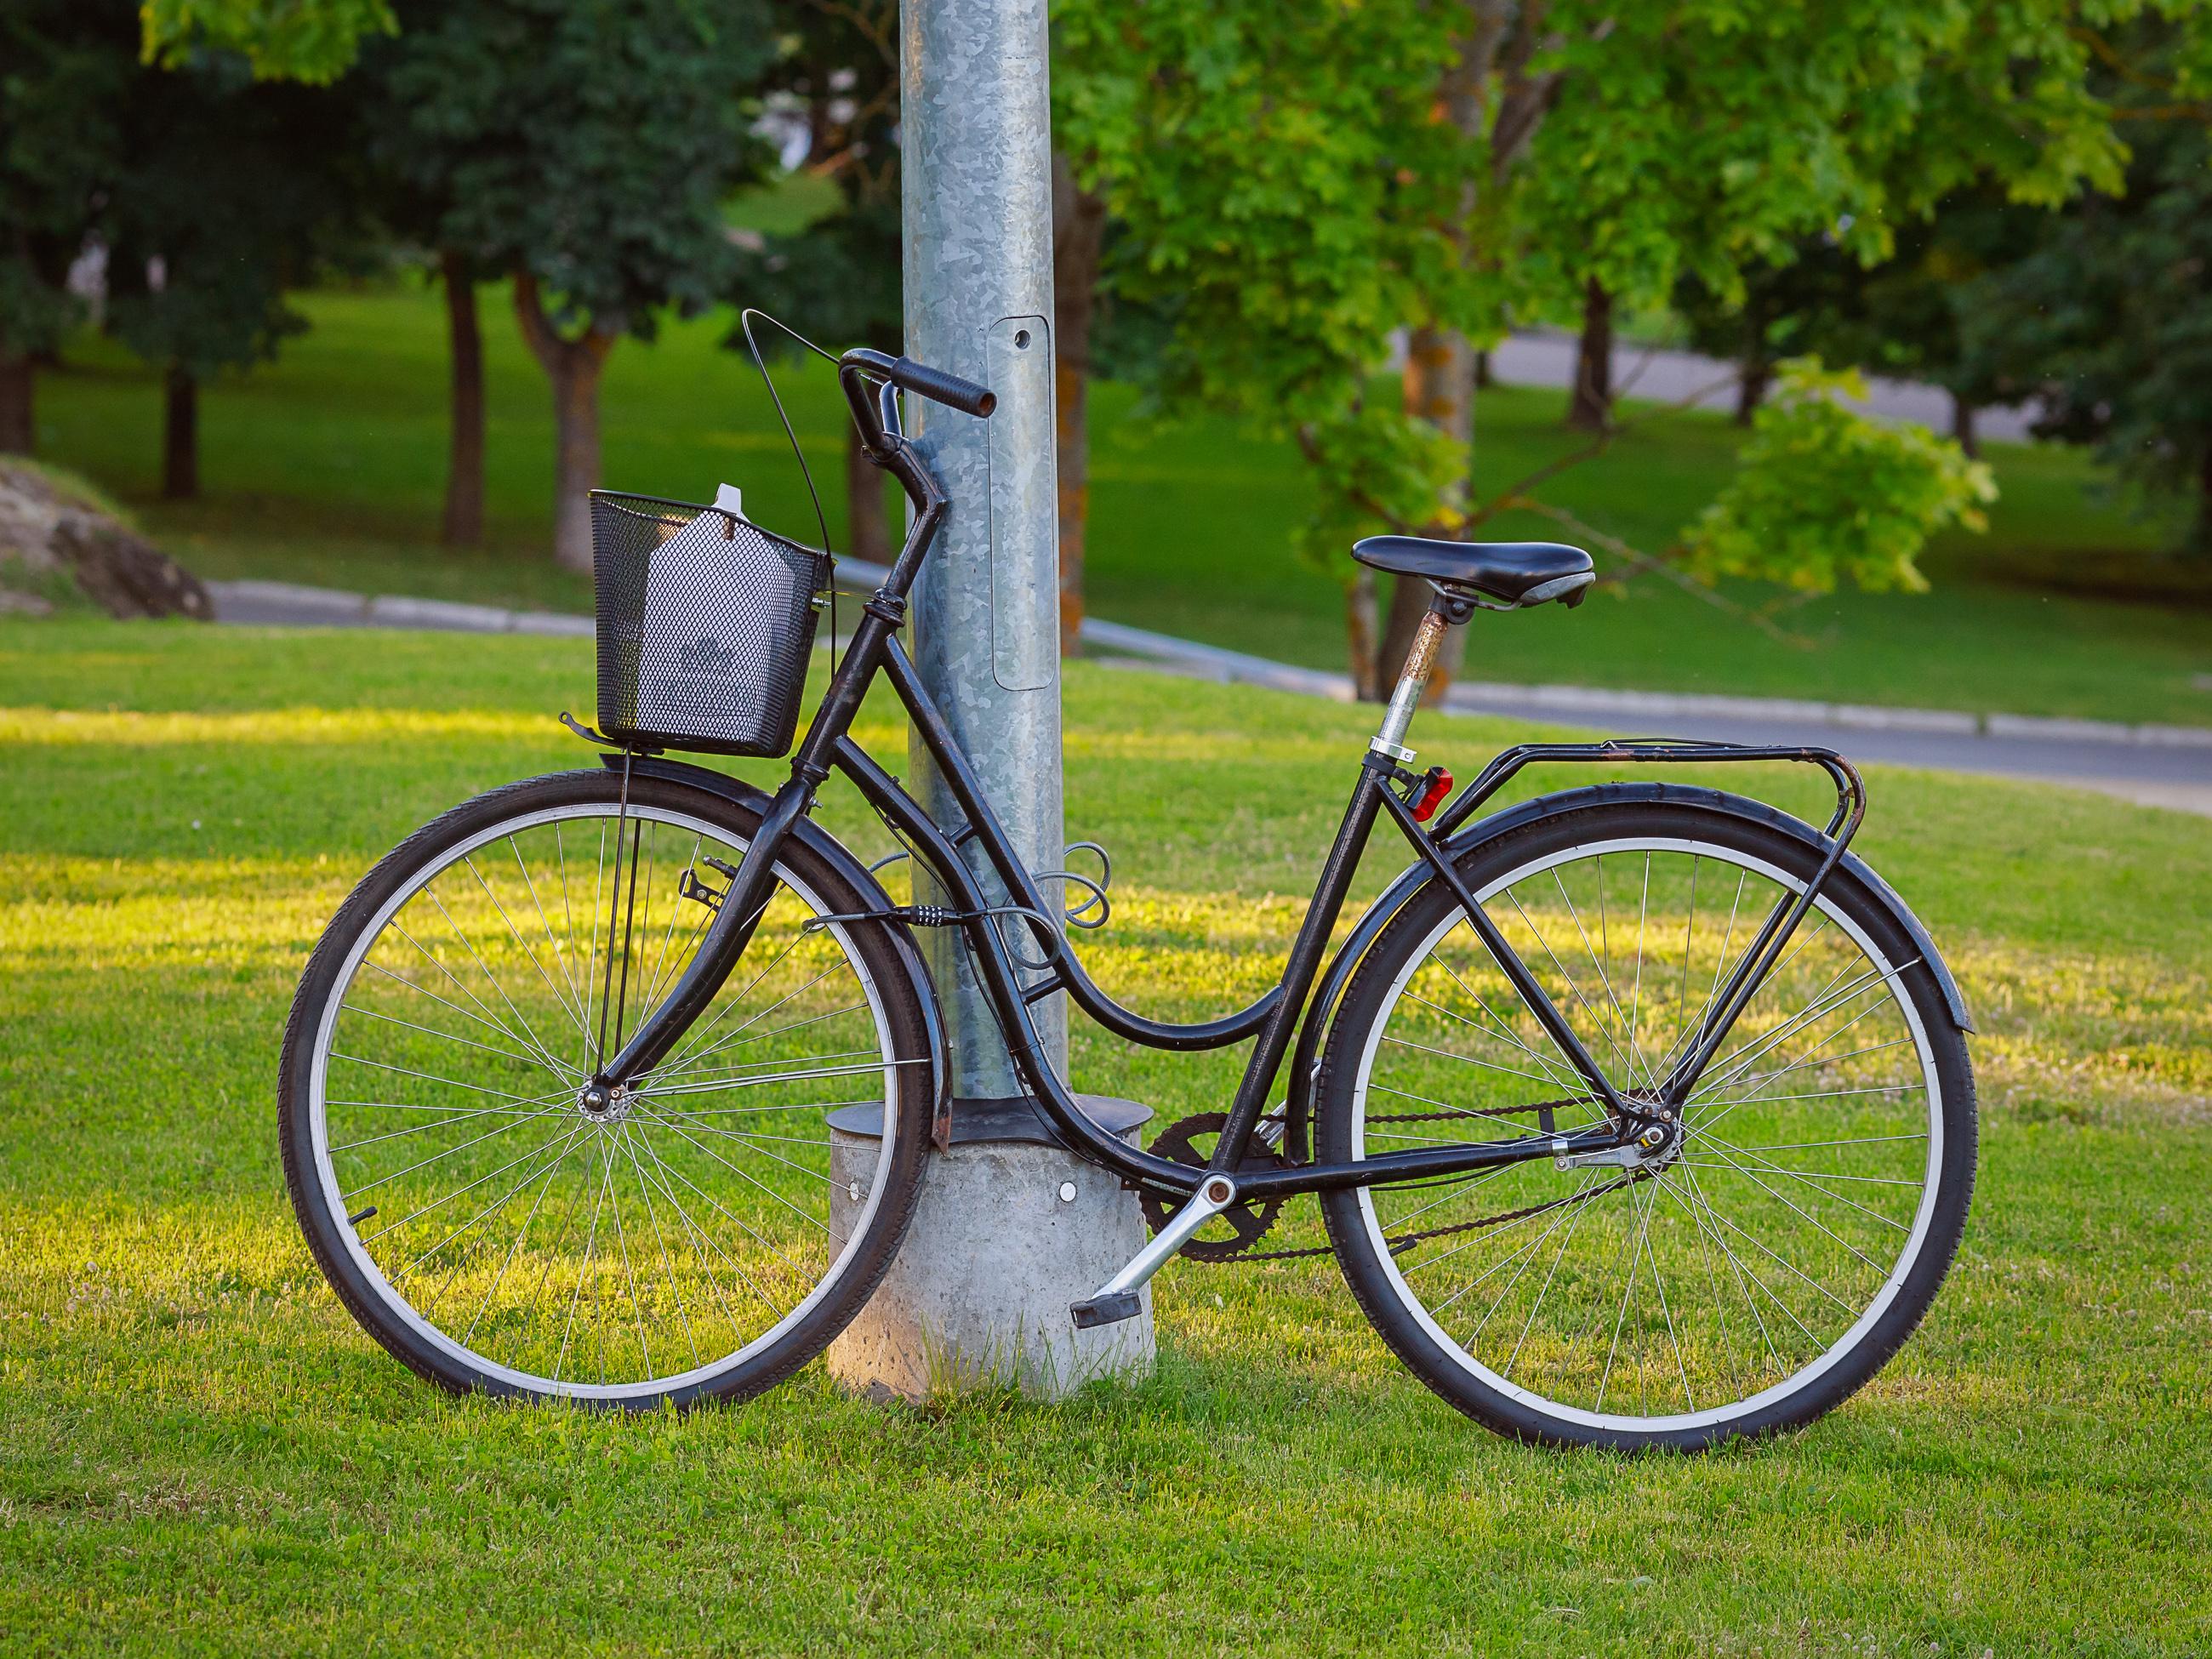 Telli Põhjarannik ja võida 500 eurot väärt jalgratas